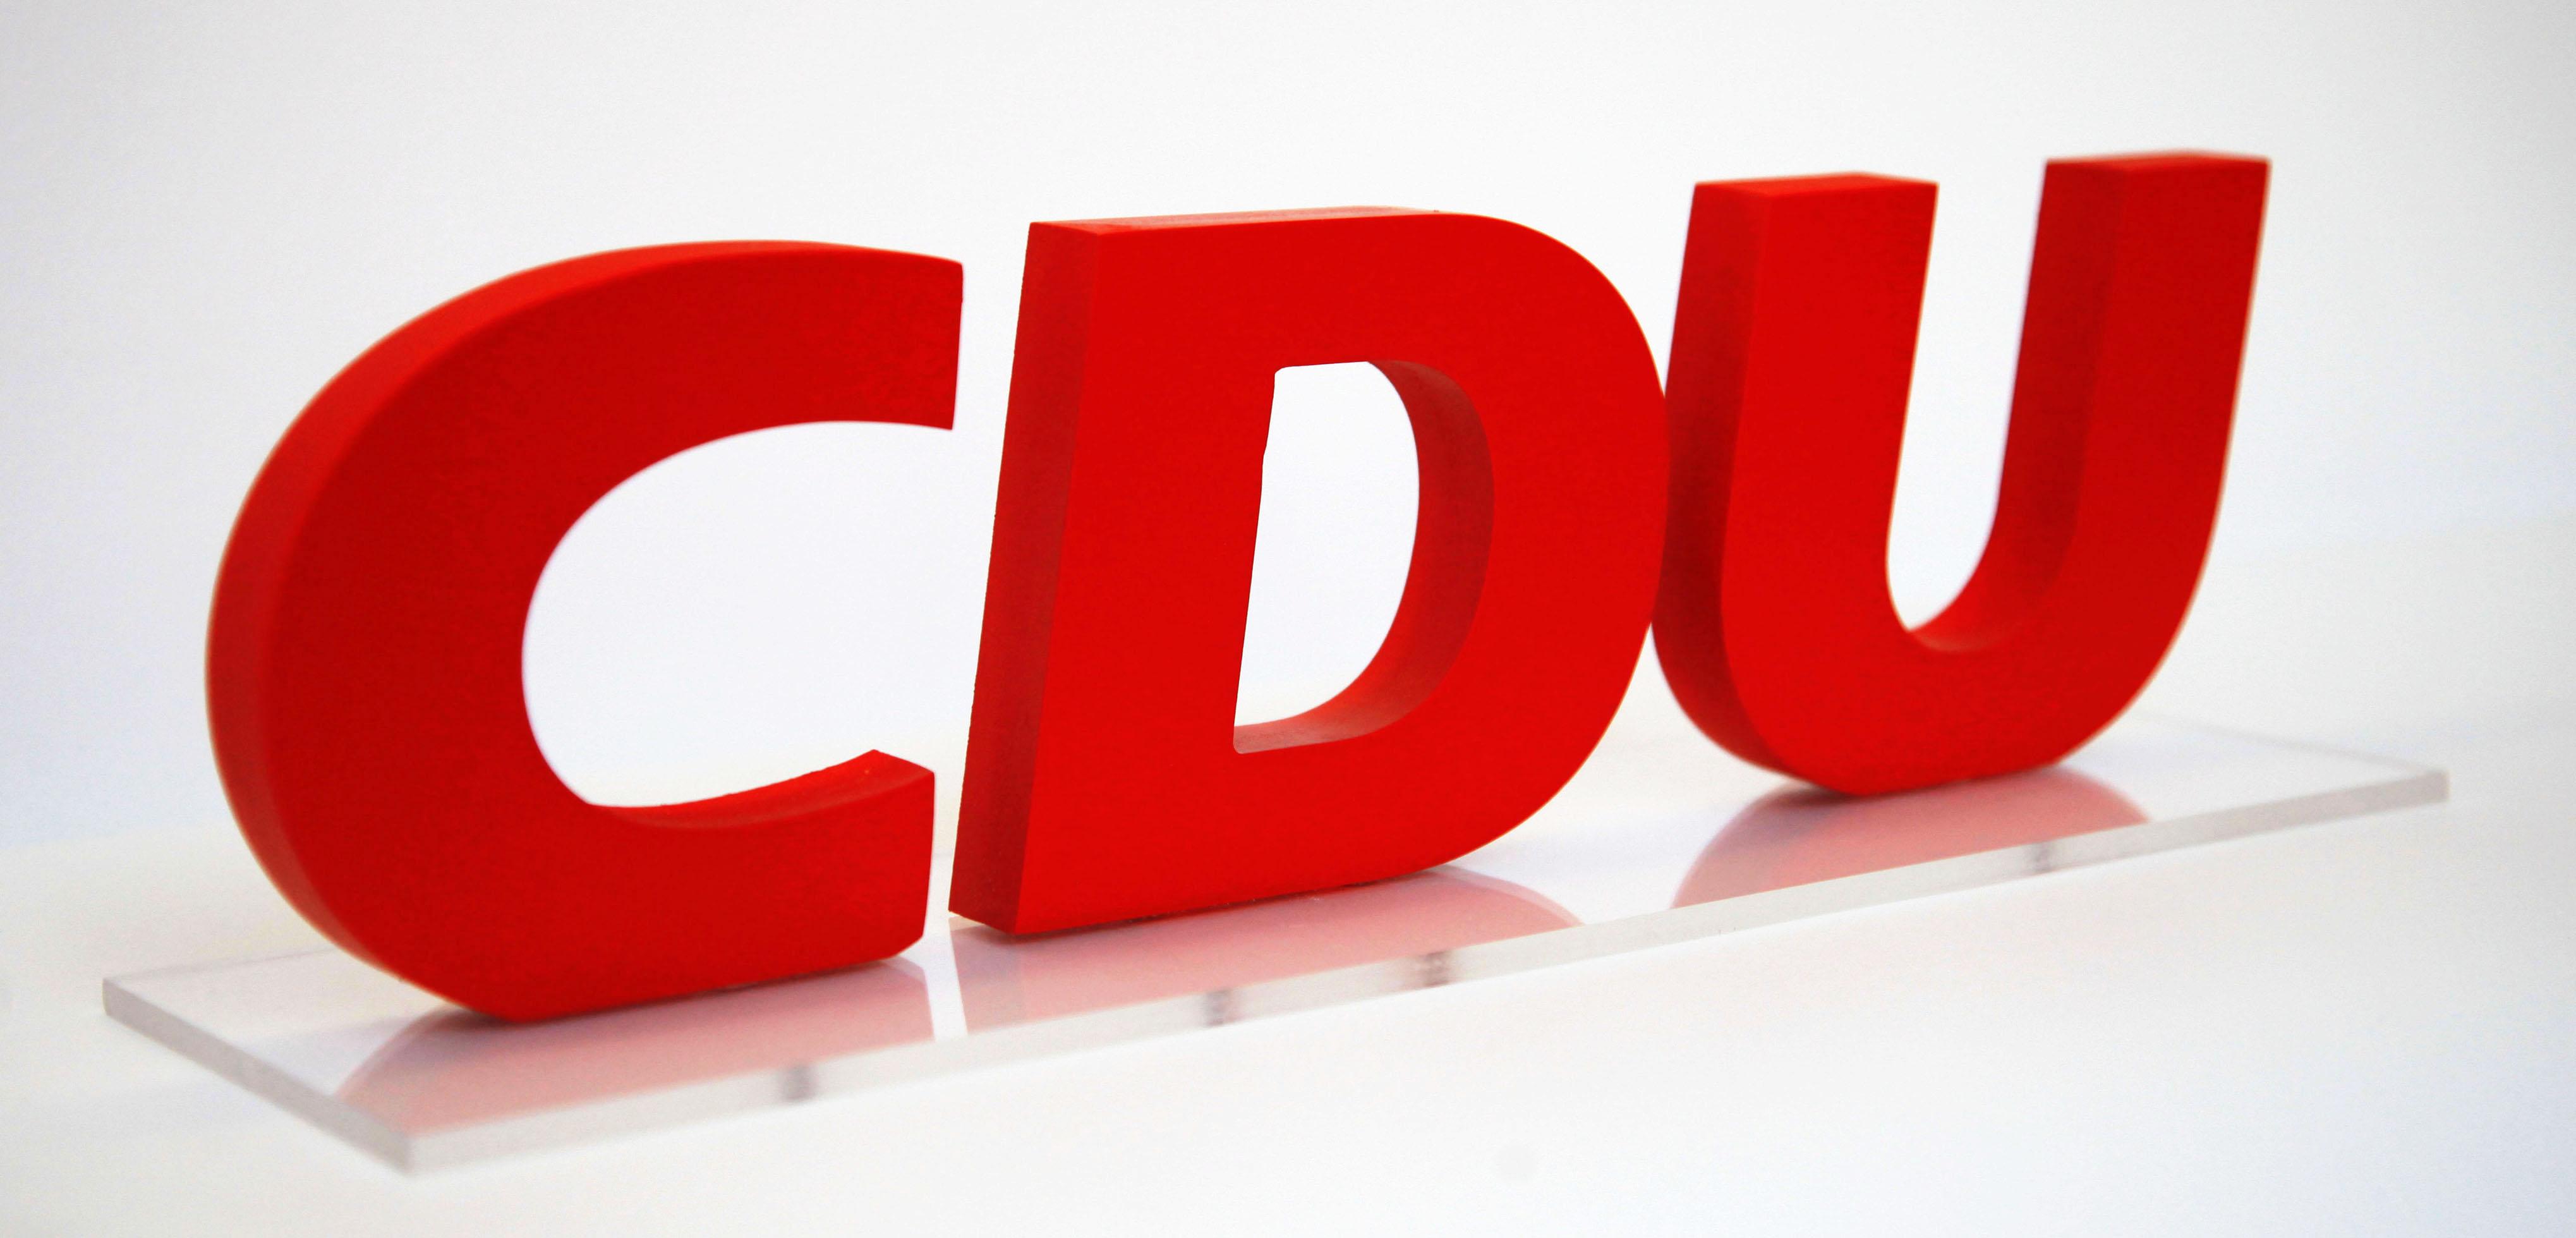 CDU Onlineshop | Startseite